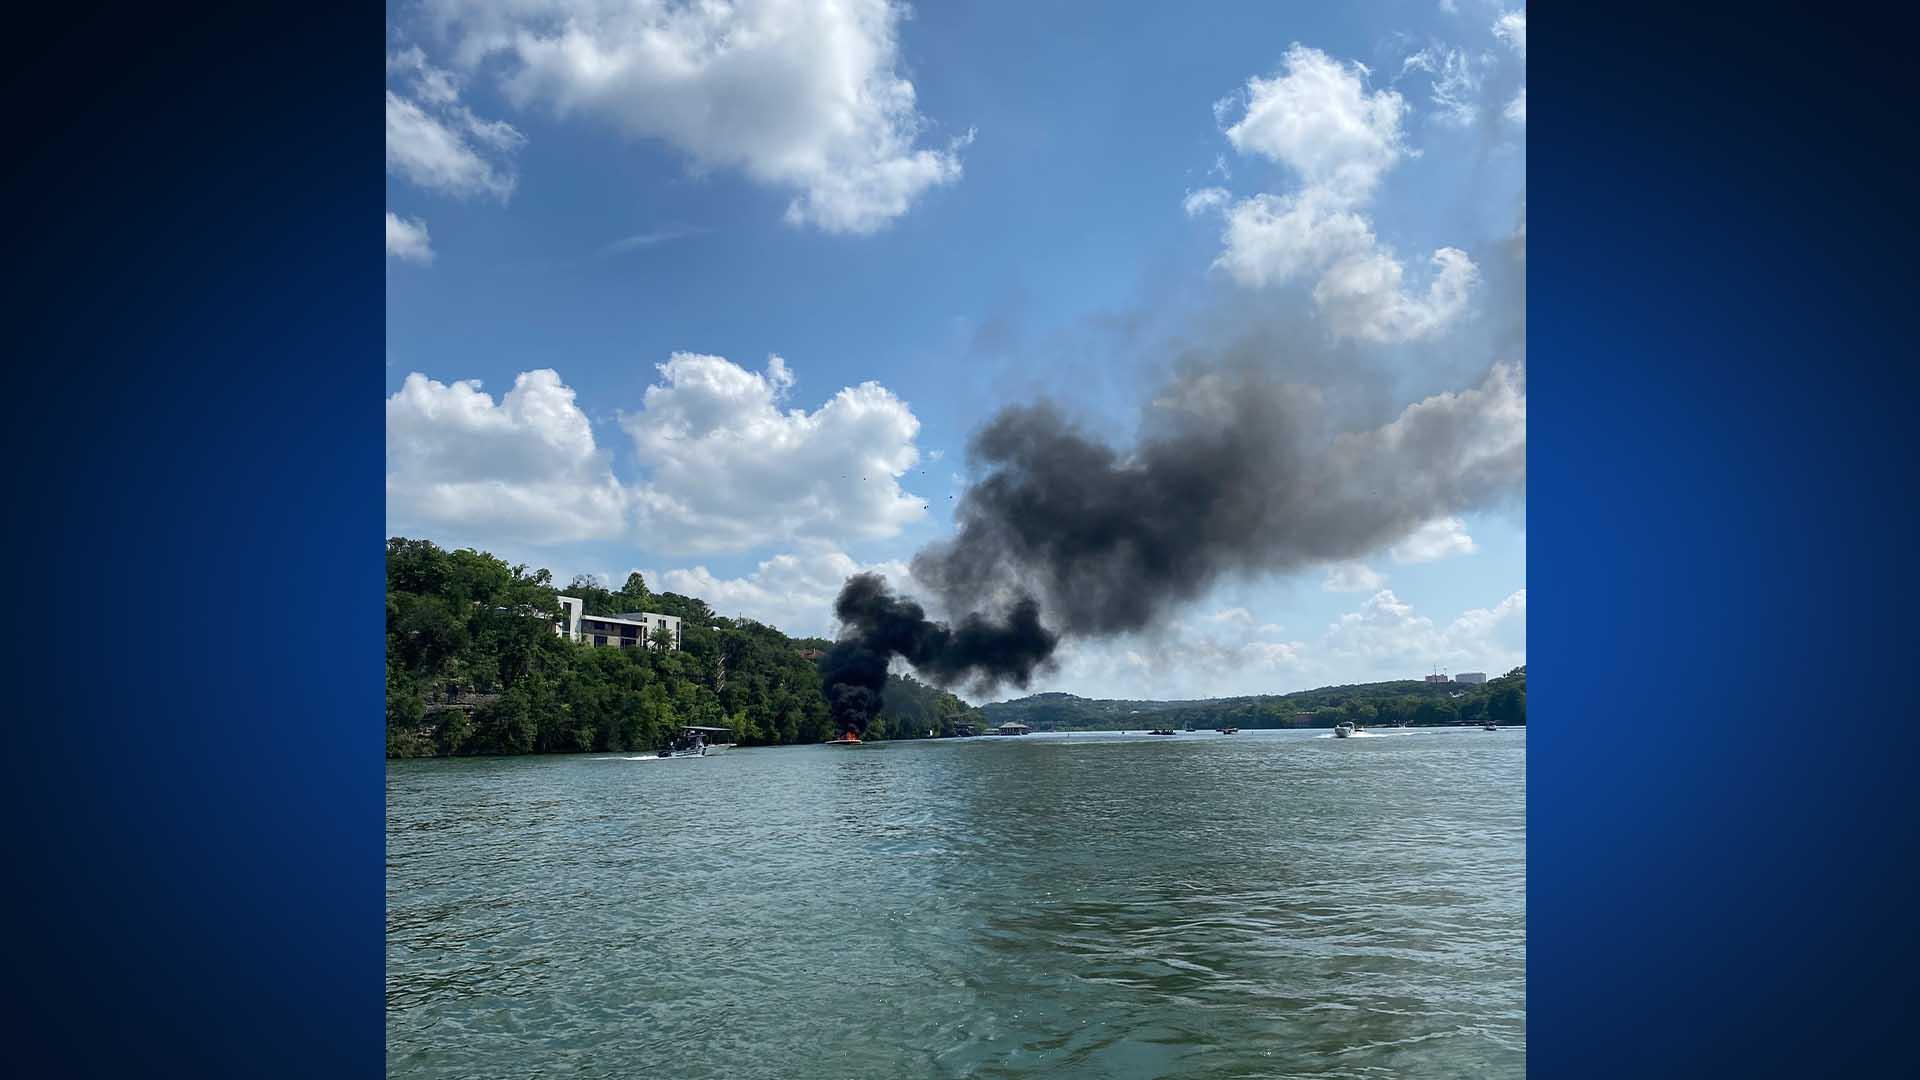 Boat explodes on Lake Austin May 21, 2021 (Courtesy Nick Matzorkis)